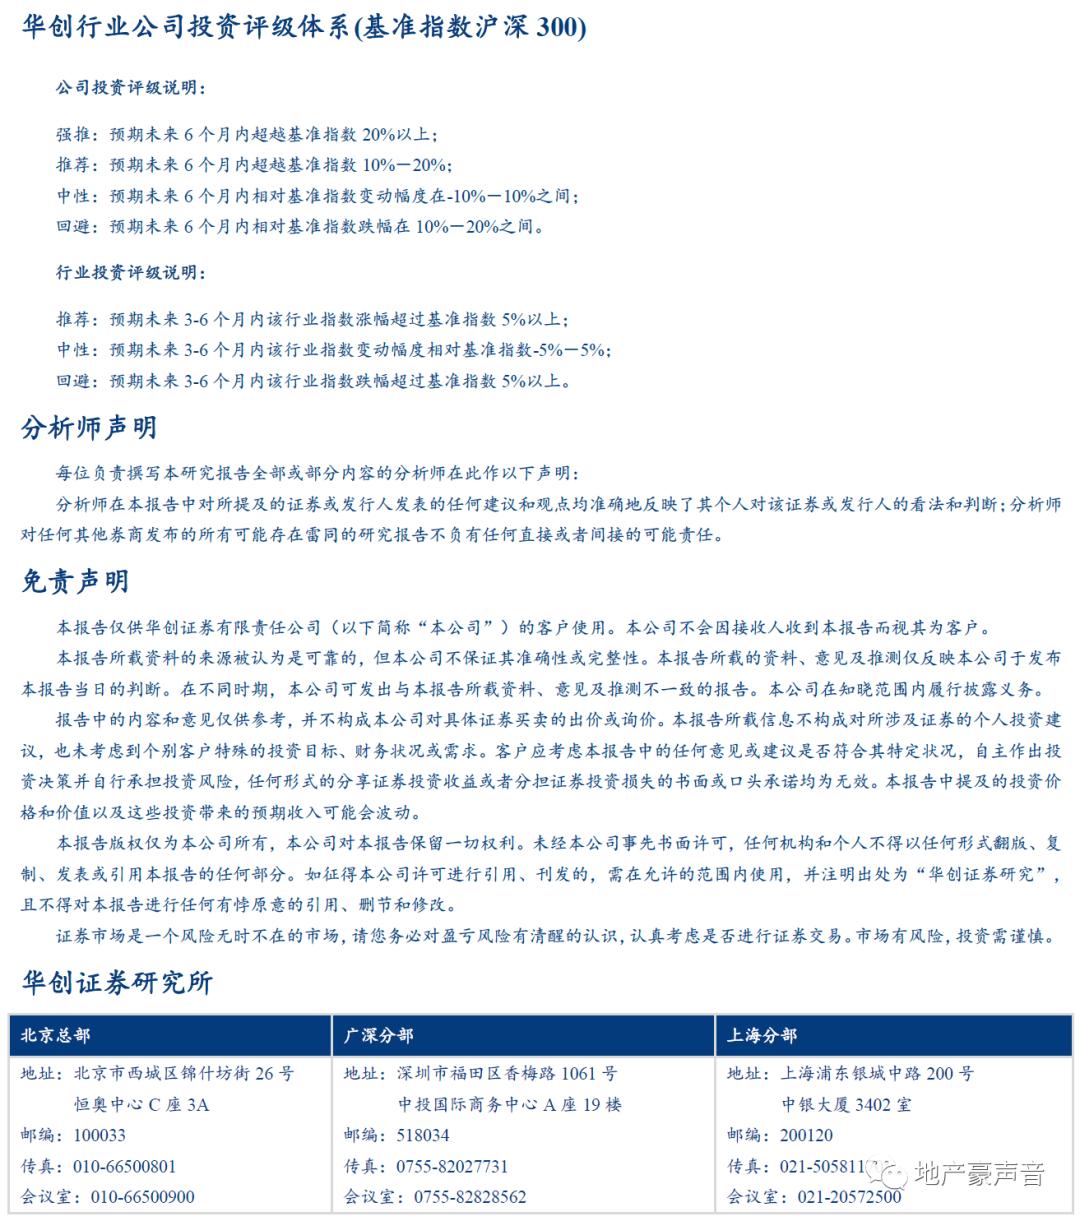 【华创地产·袁豪团队】阳光城战投点评:引入战投泰康,承诺十年业绩